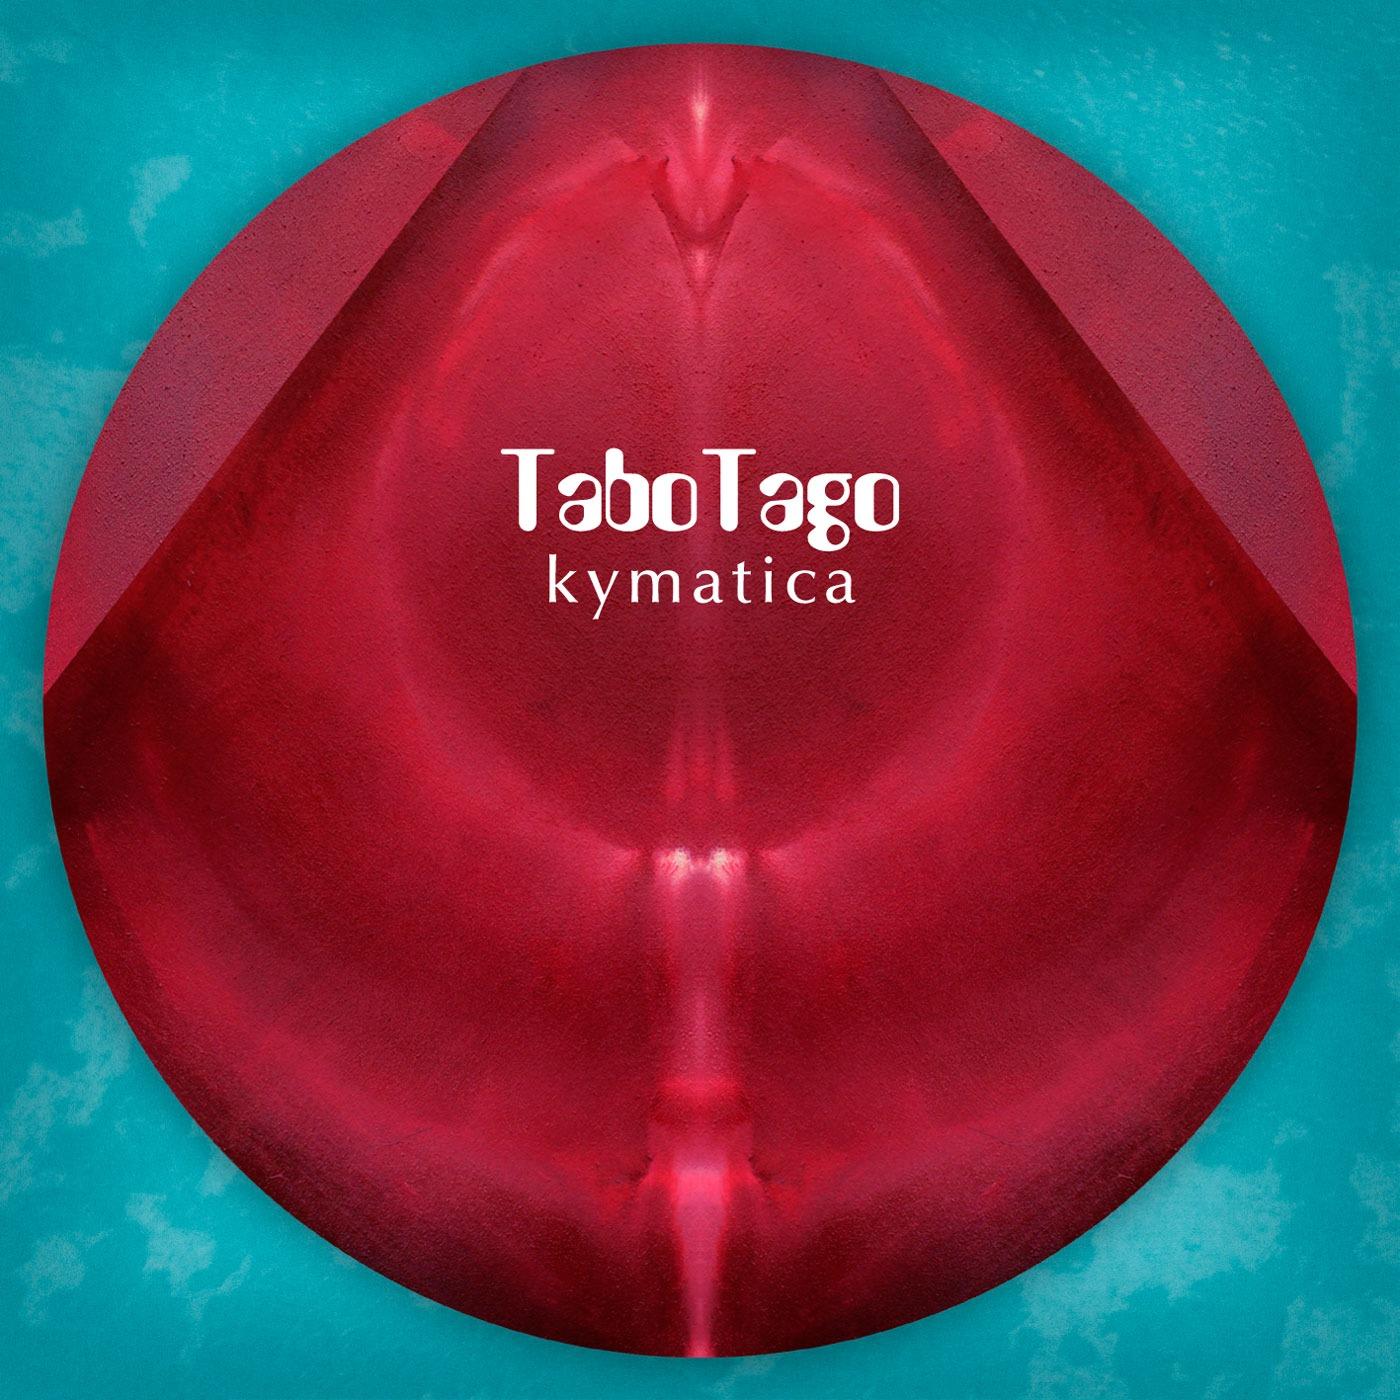 TaboTago